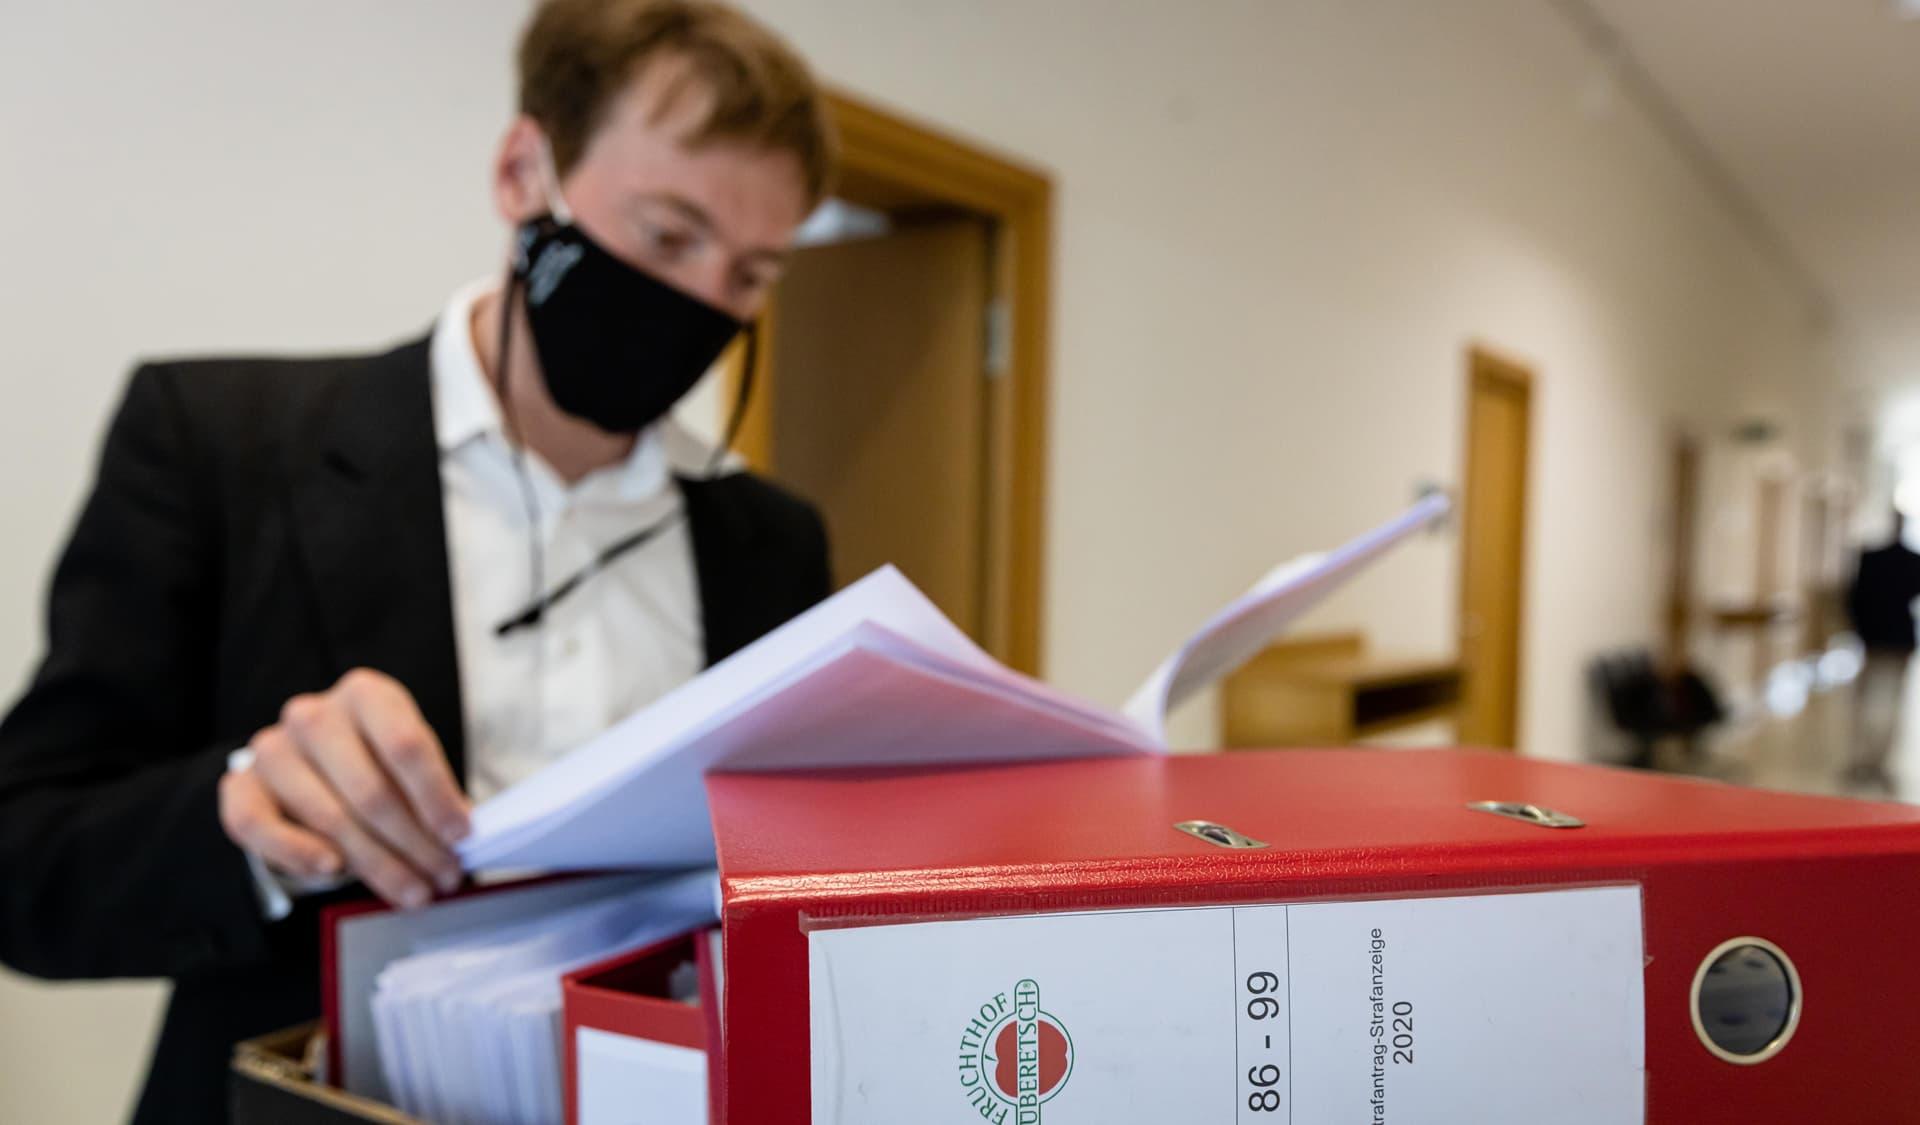 Umweltaktivist Karl Bär blättert in Akten